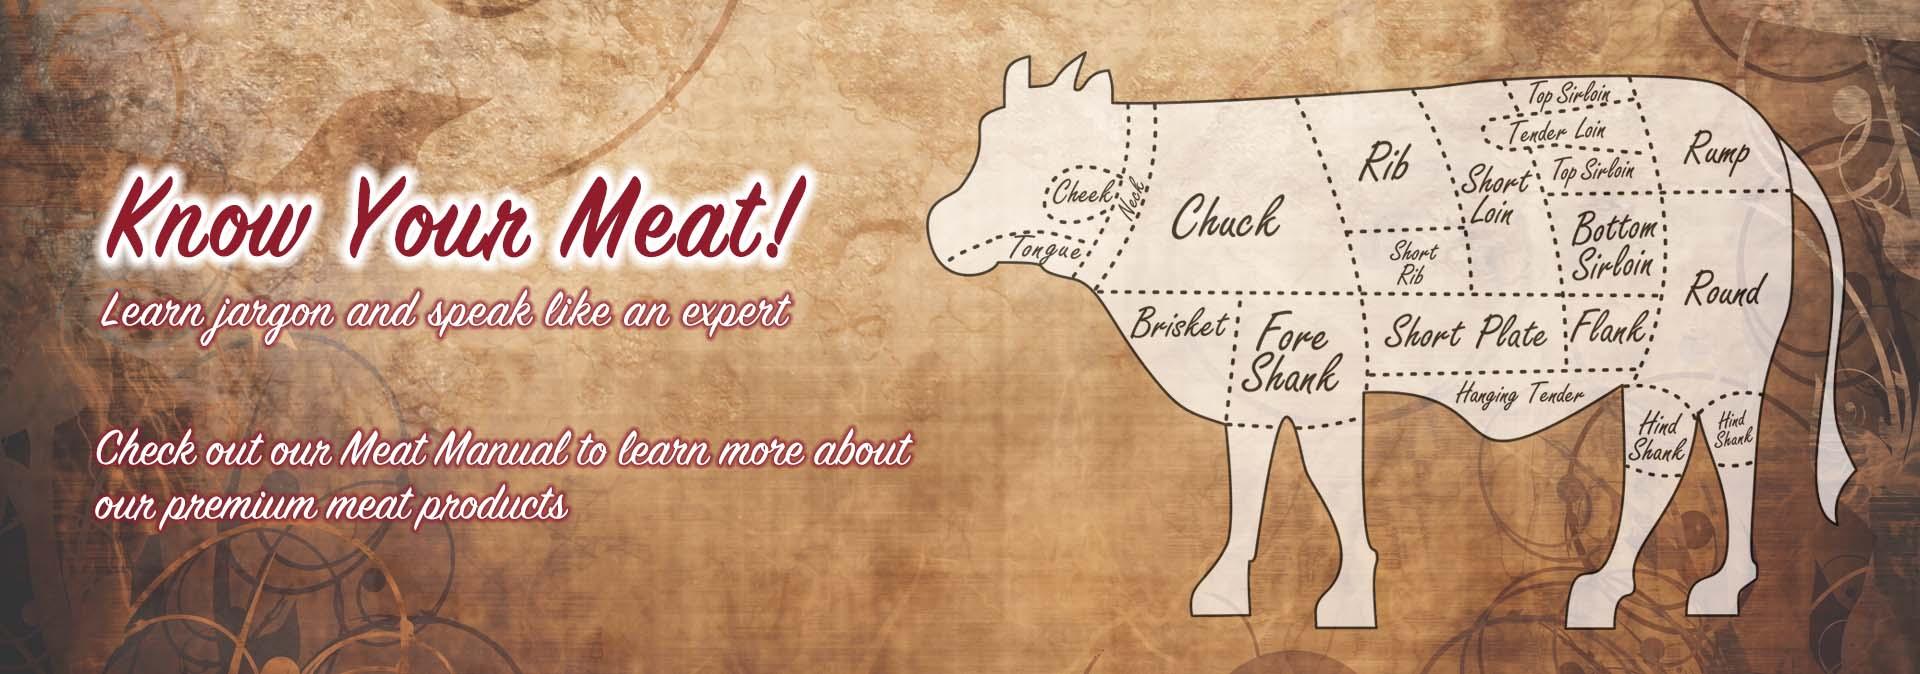 Meat Manual